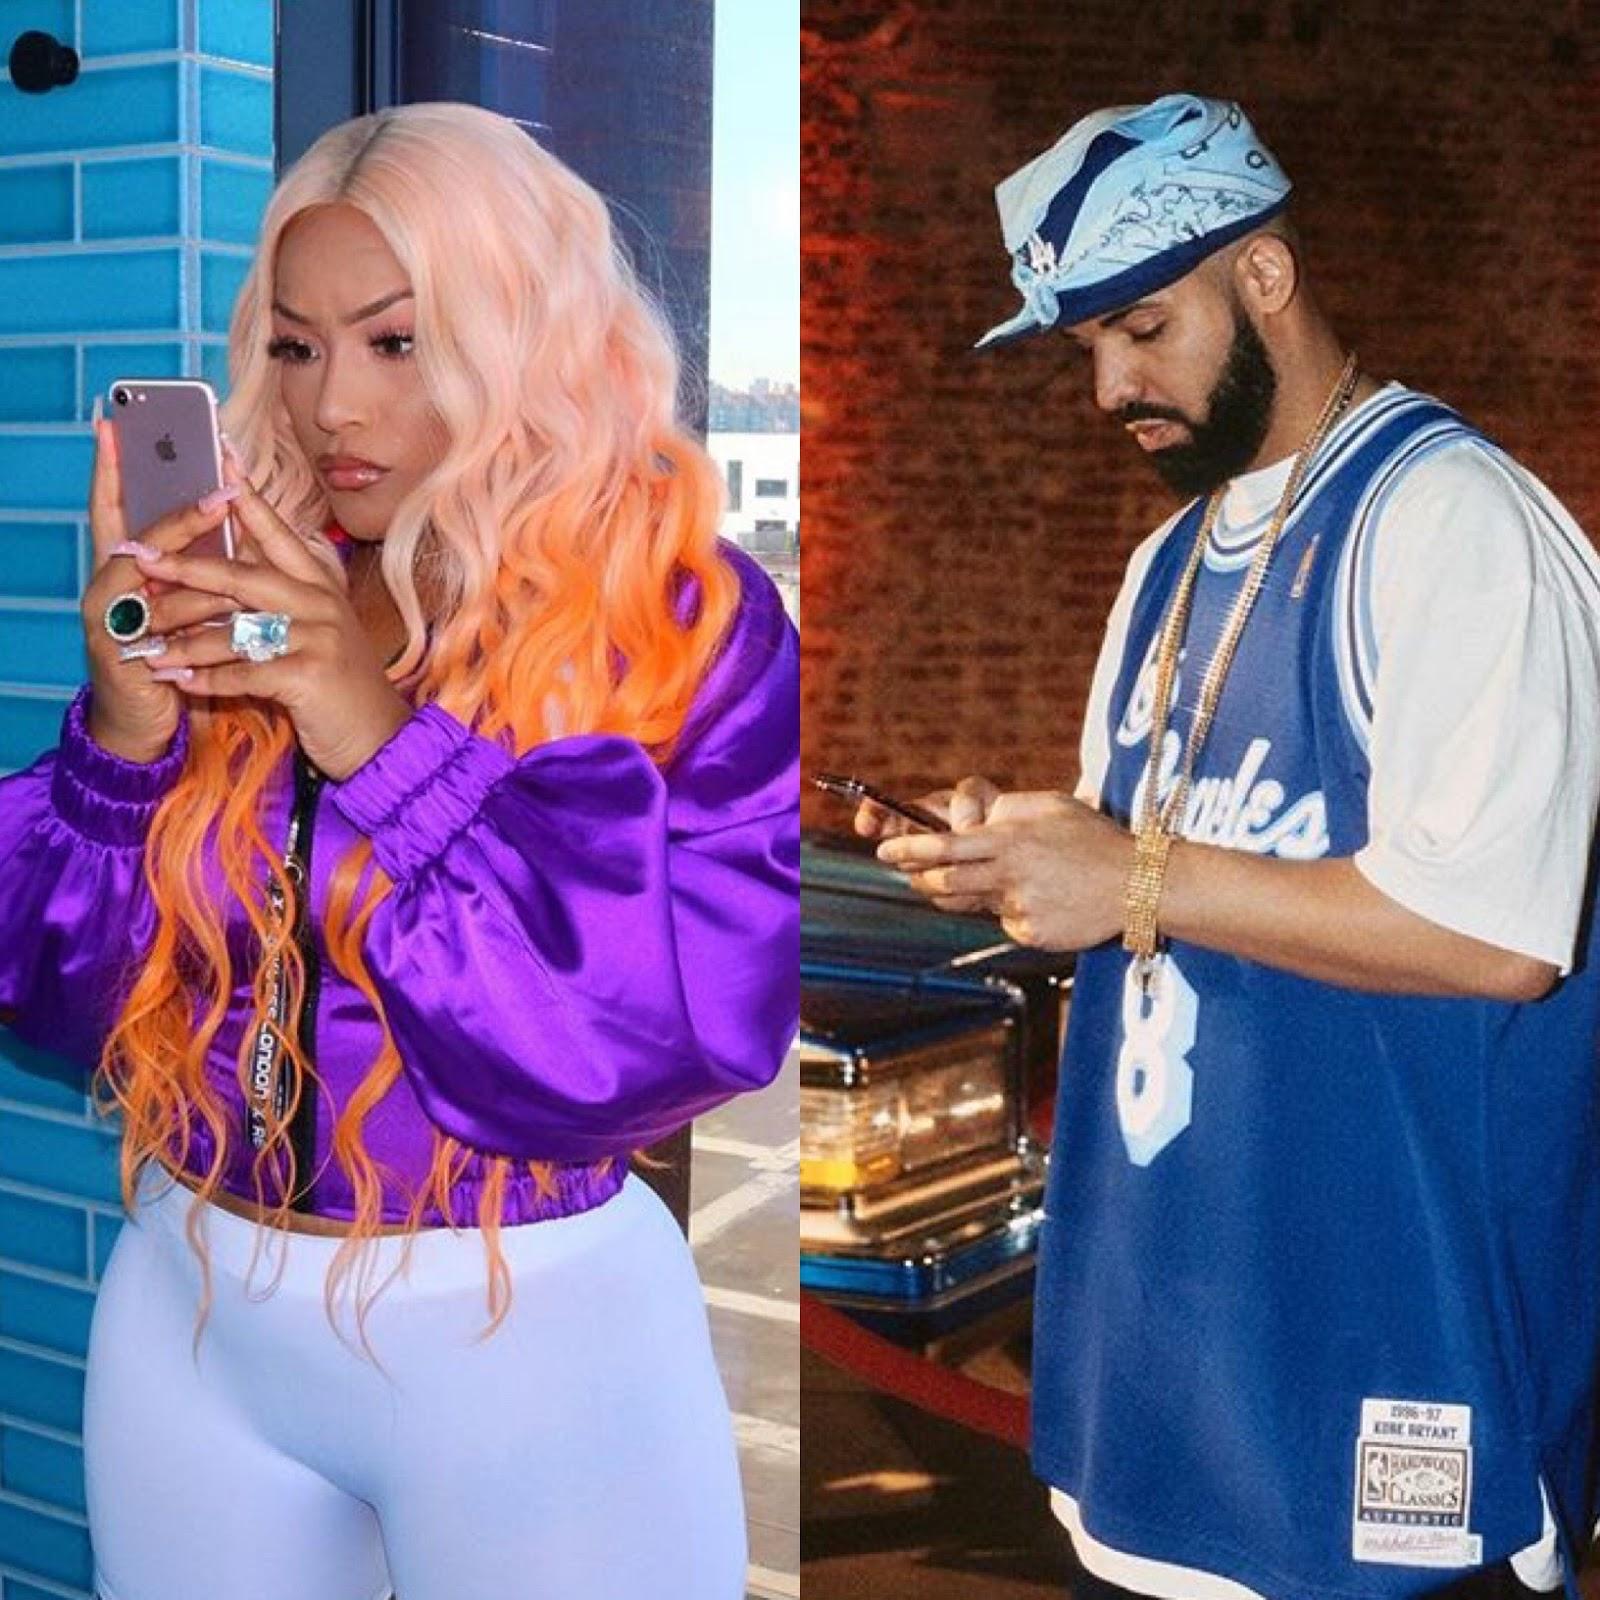 Drake Flirts With Rapper Stefflon Don On Instagram After Her